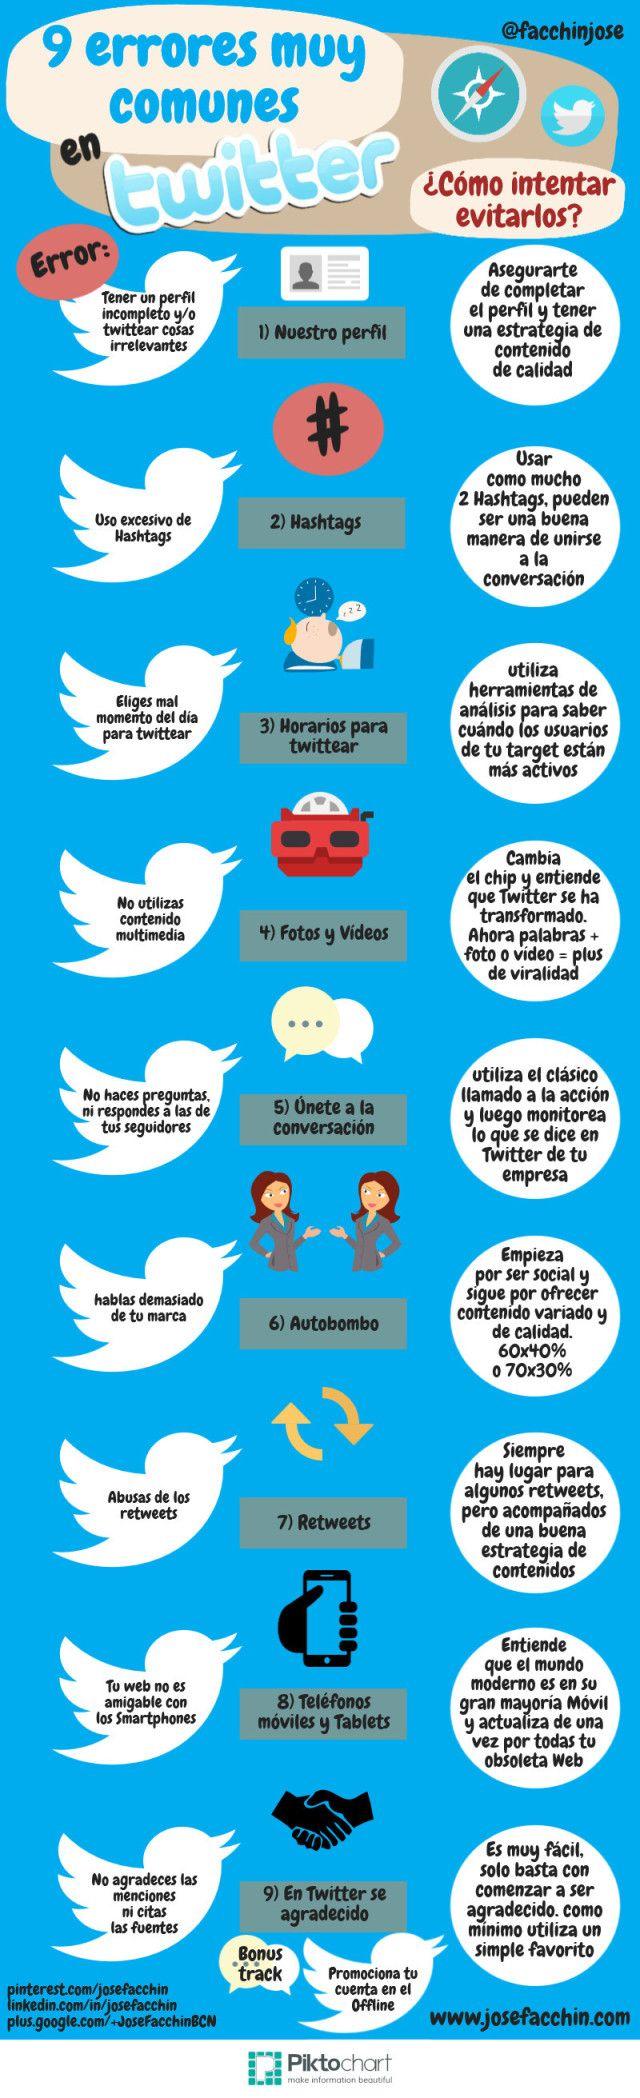 Fantàstica informació per al #cursTIC ! 9 errors molt comuns a #Twitter y com evitar-los #infografia #infographic #socialmedia